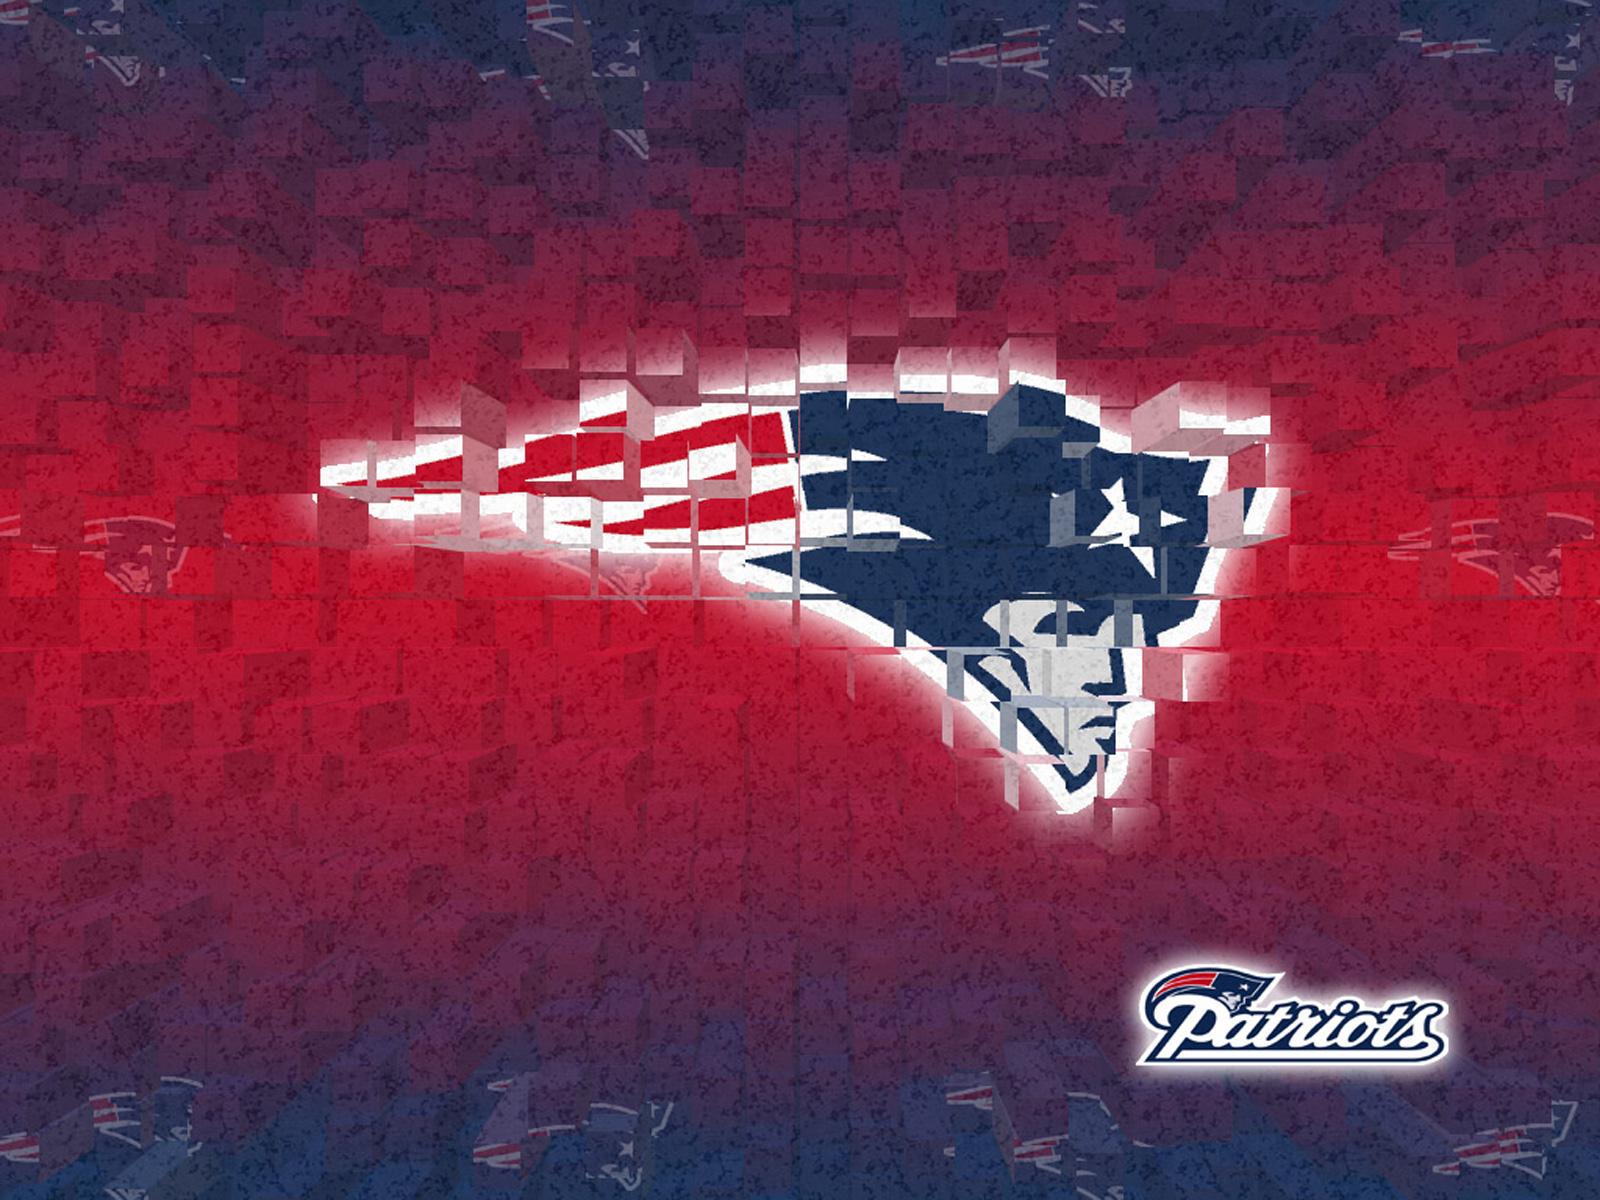 New England Patriots wallpaper 1600x1200 56514 1600x1200